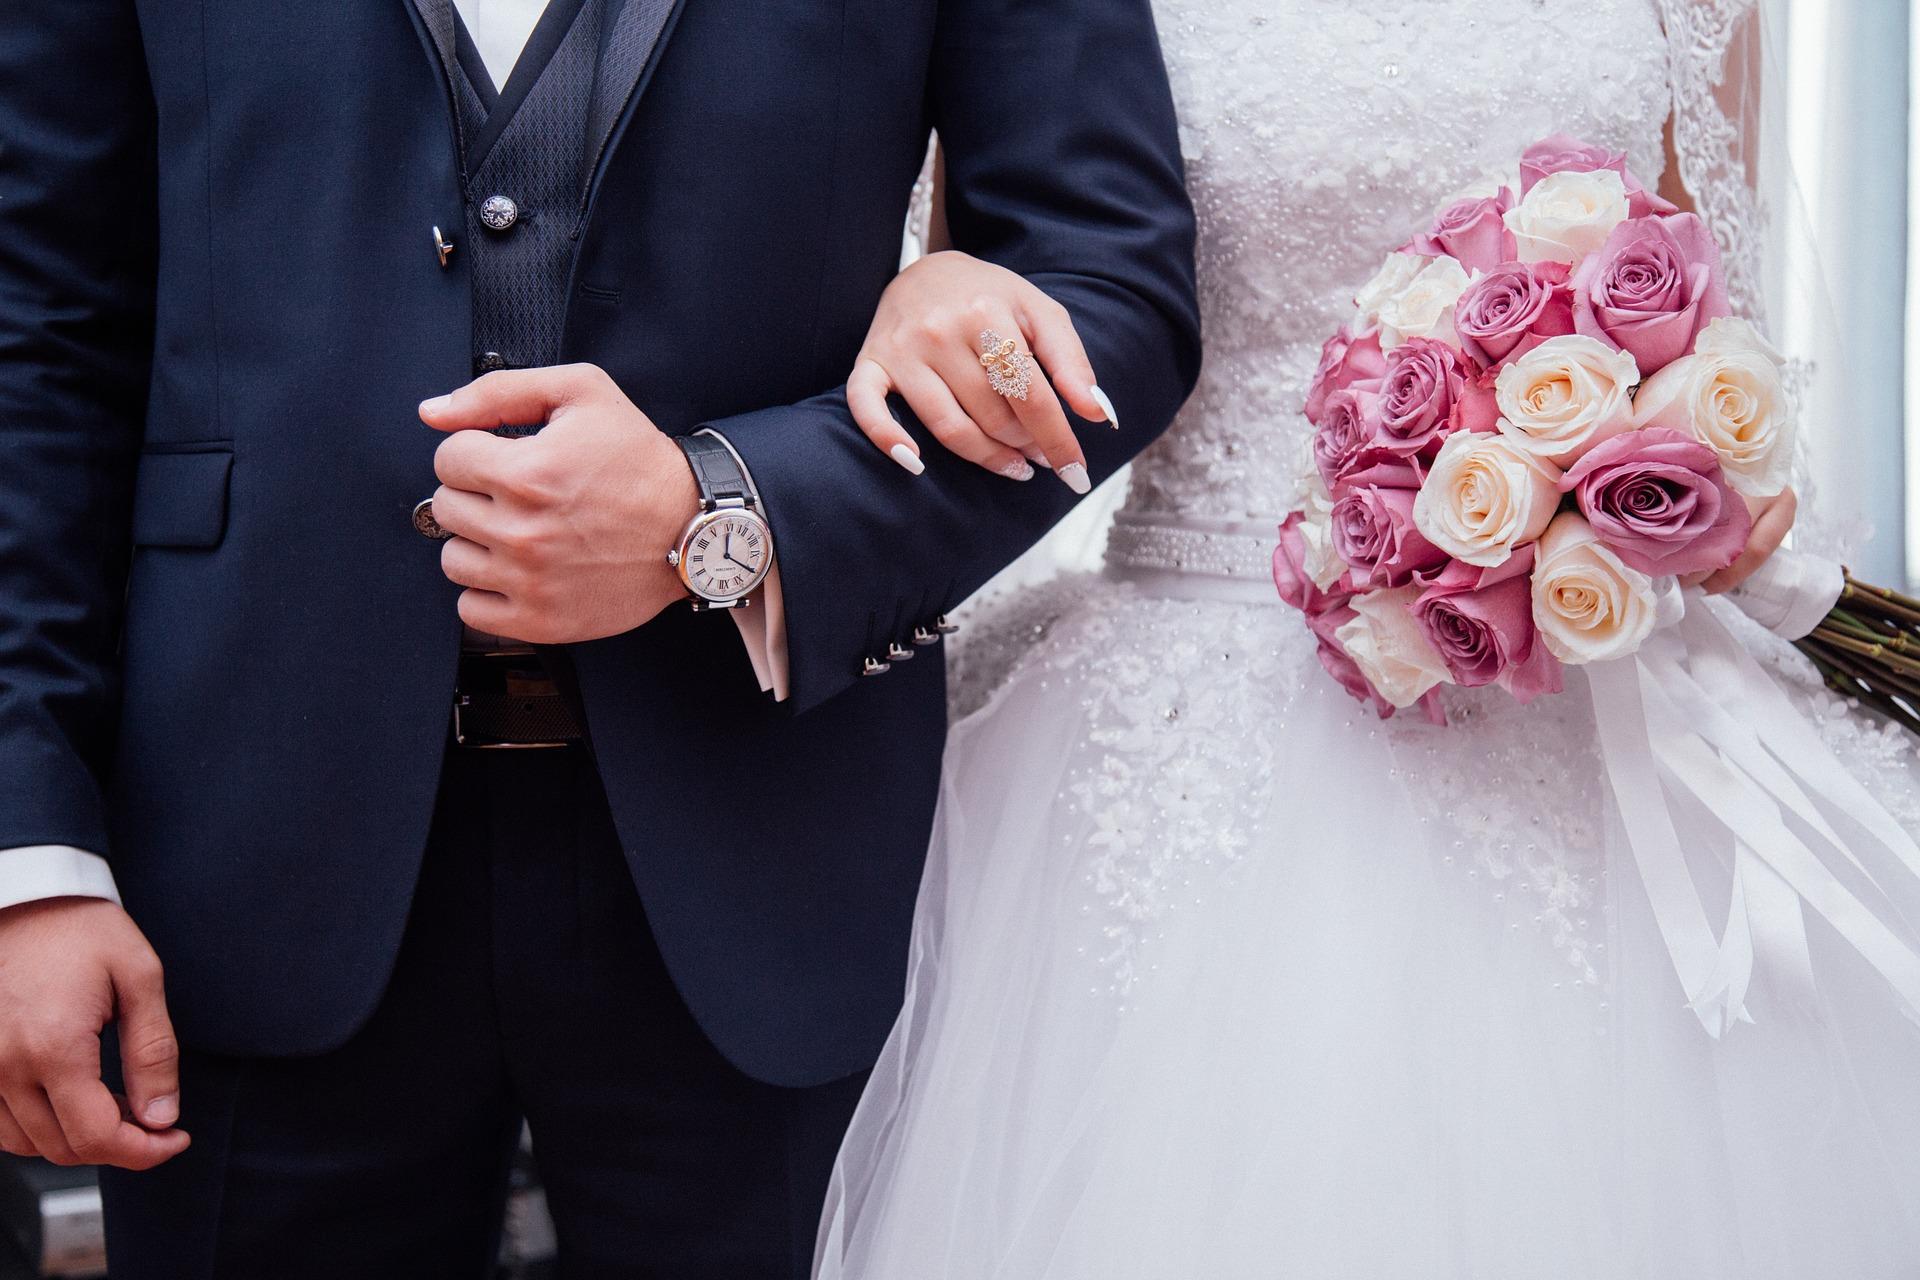 הכנת רשימת מוזמנים לחתונה: מה חשוב לבחון ולמה לשים לב?